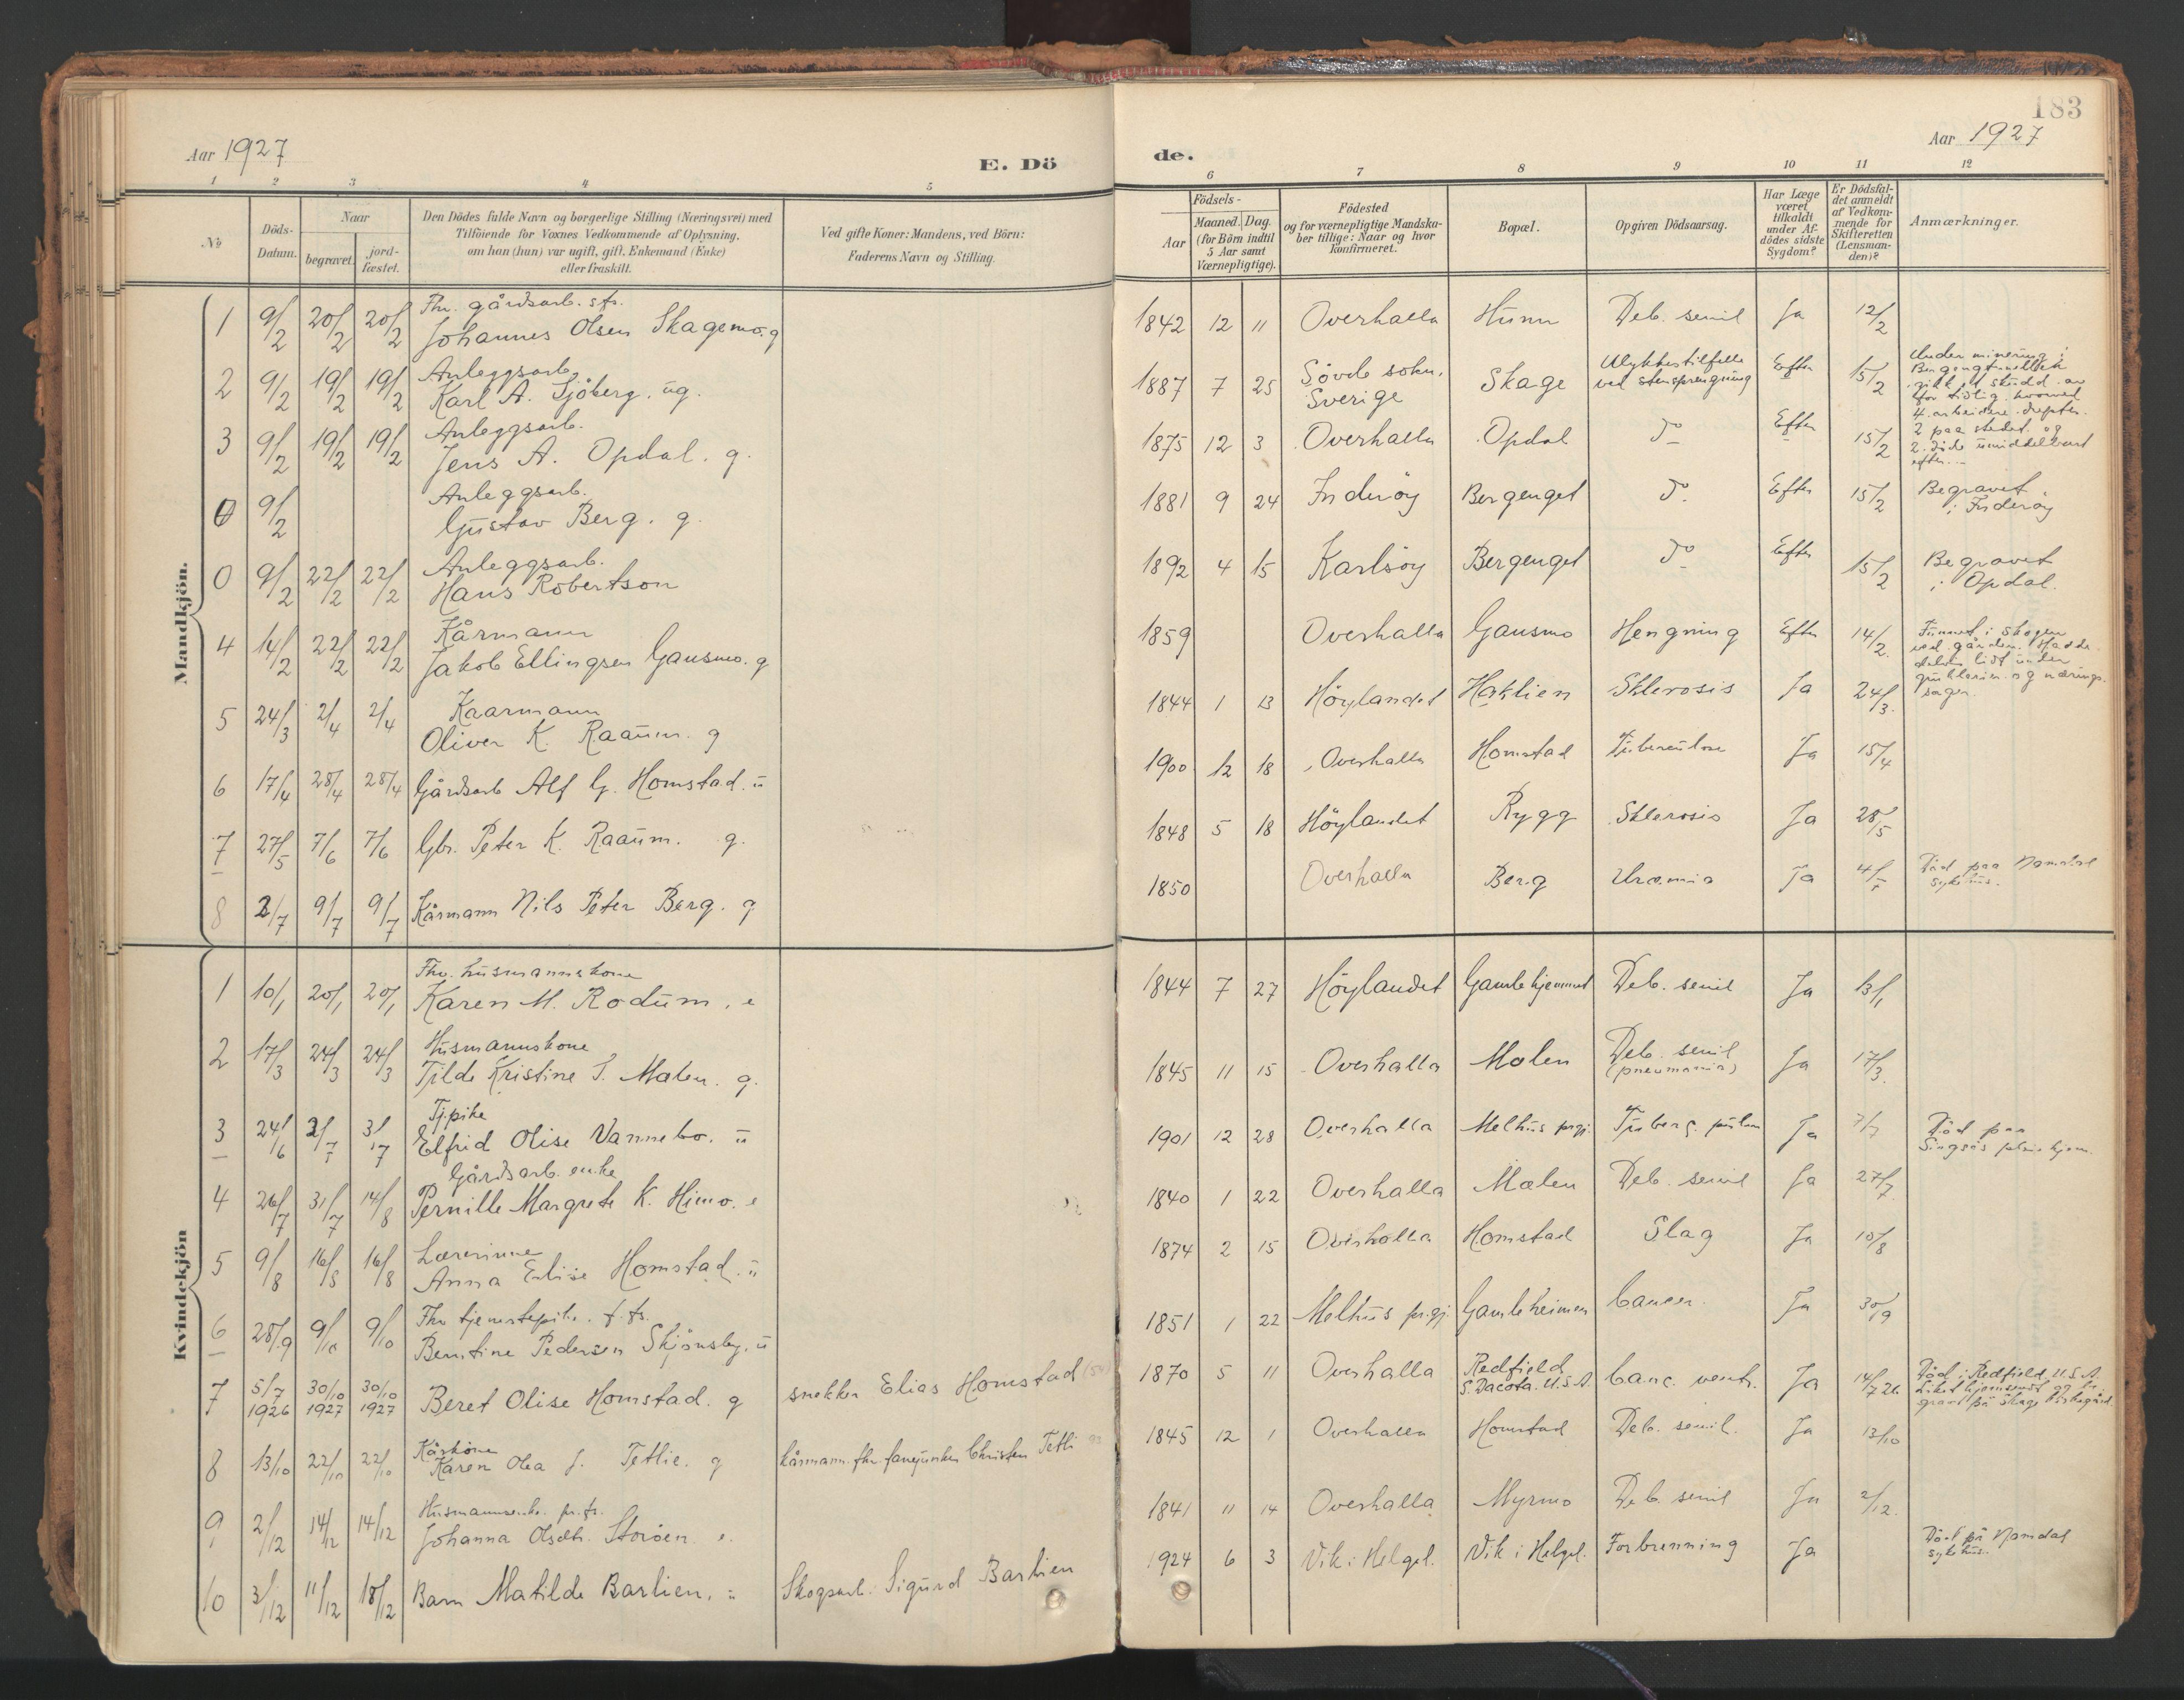 SAT, Ministerialprotokoller, klokkerbøker og fødselsregistre - Nord-Trøndelag, 766/L0564: Ministerialbok nr. 767A02, 1900-1932, s. 183